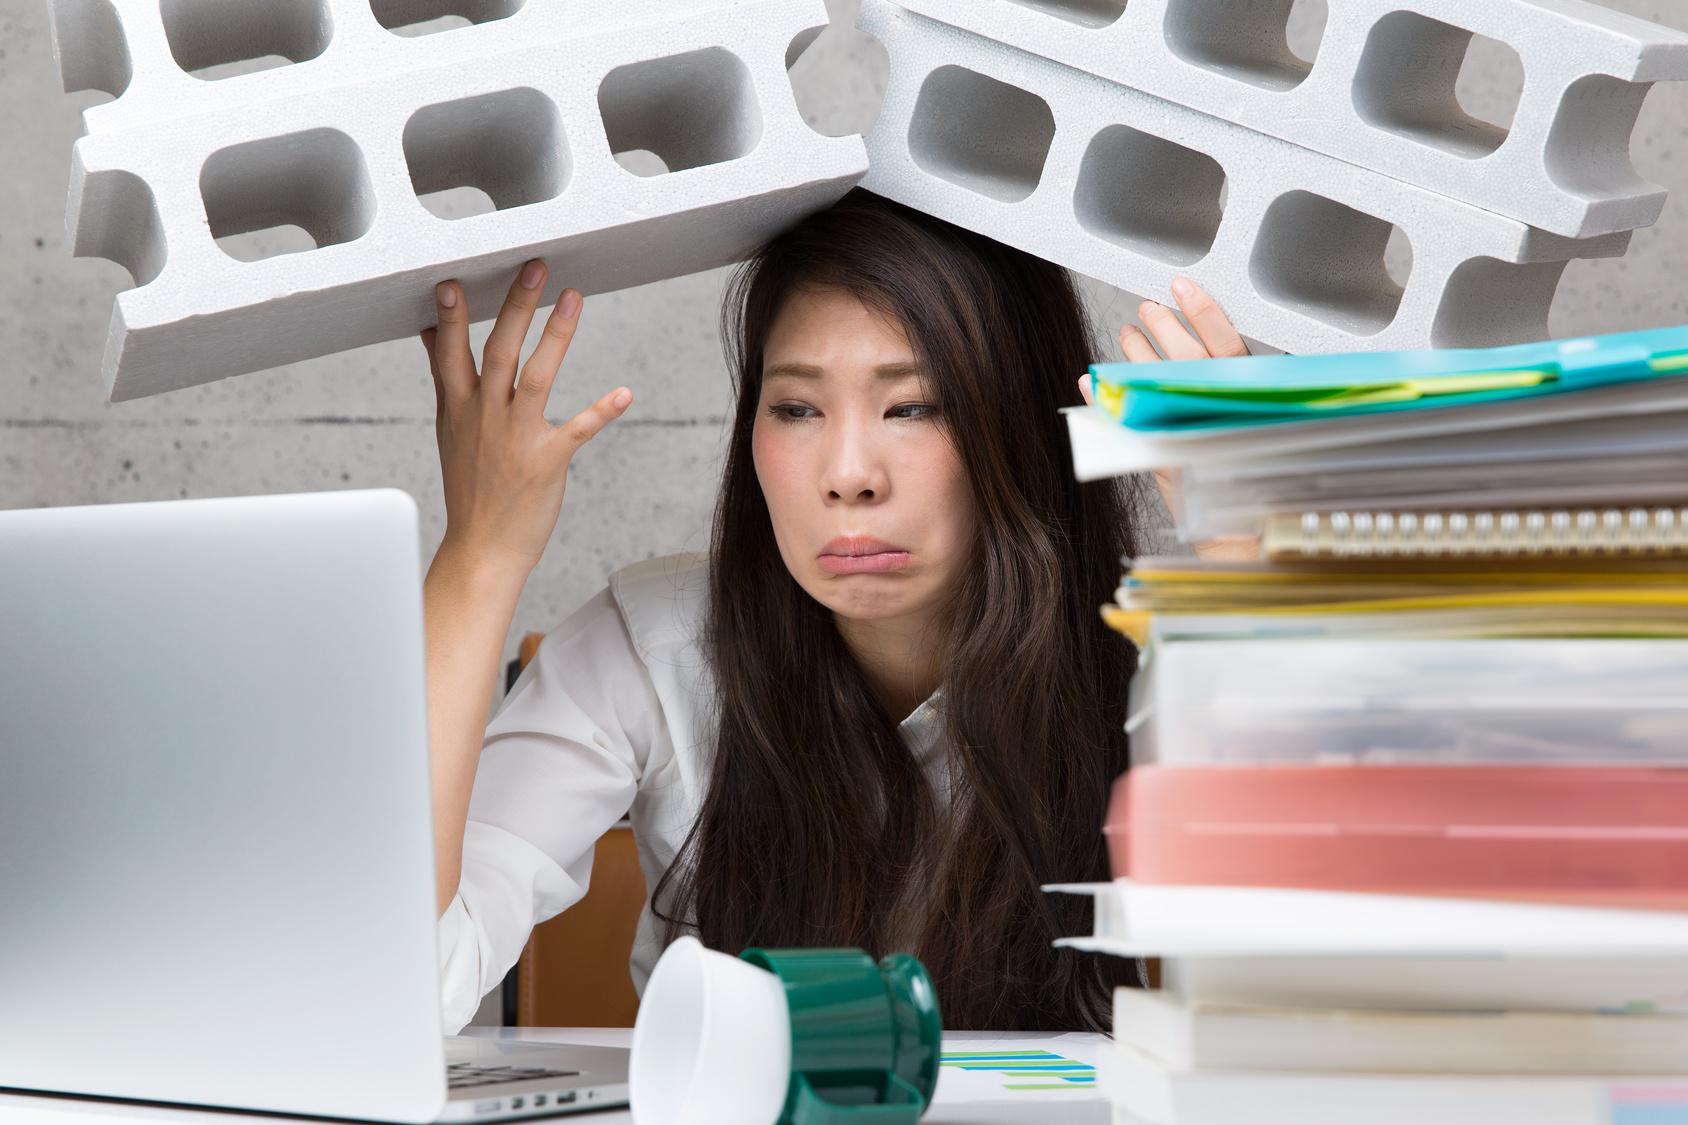 正社員に疲れたあなたへ―。現状を変える3つの方法。